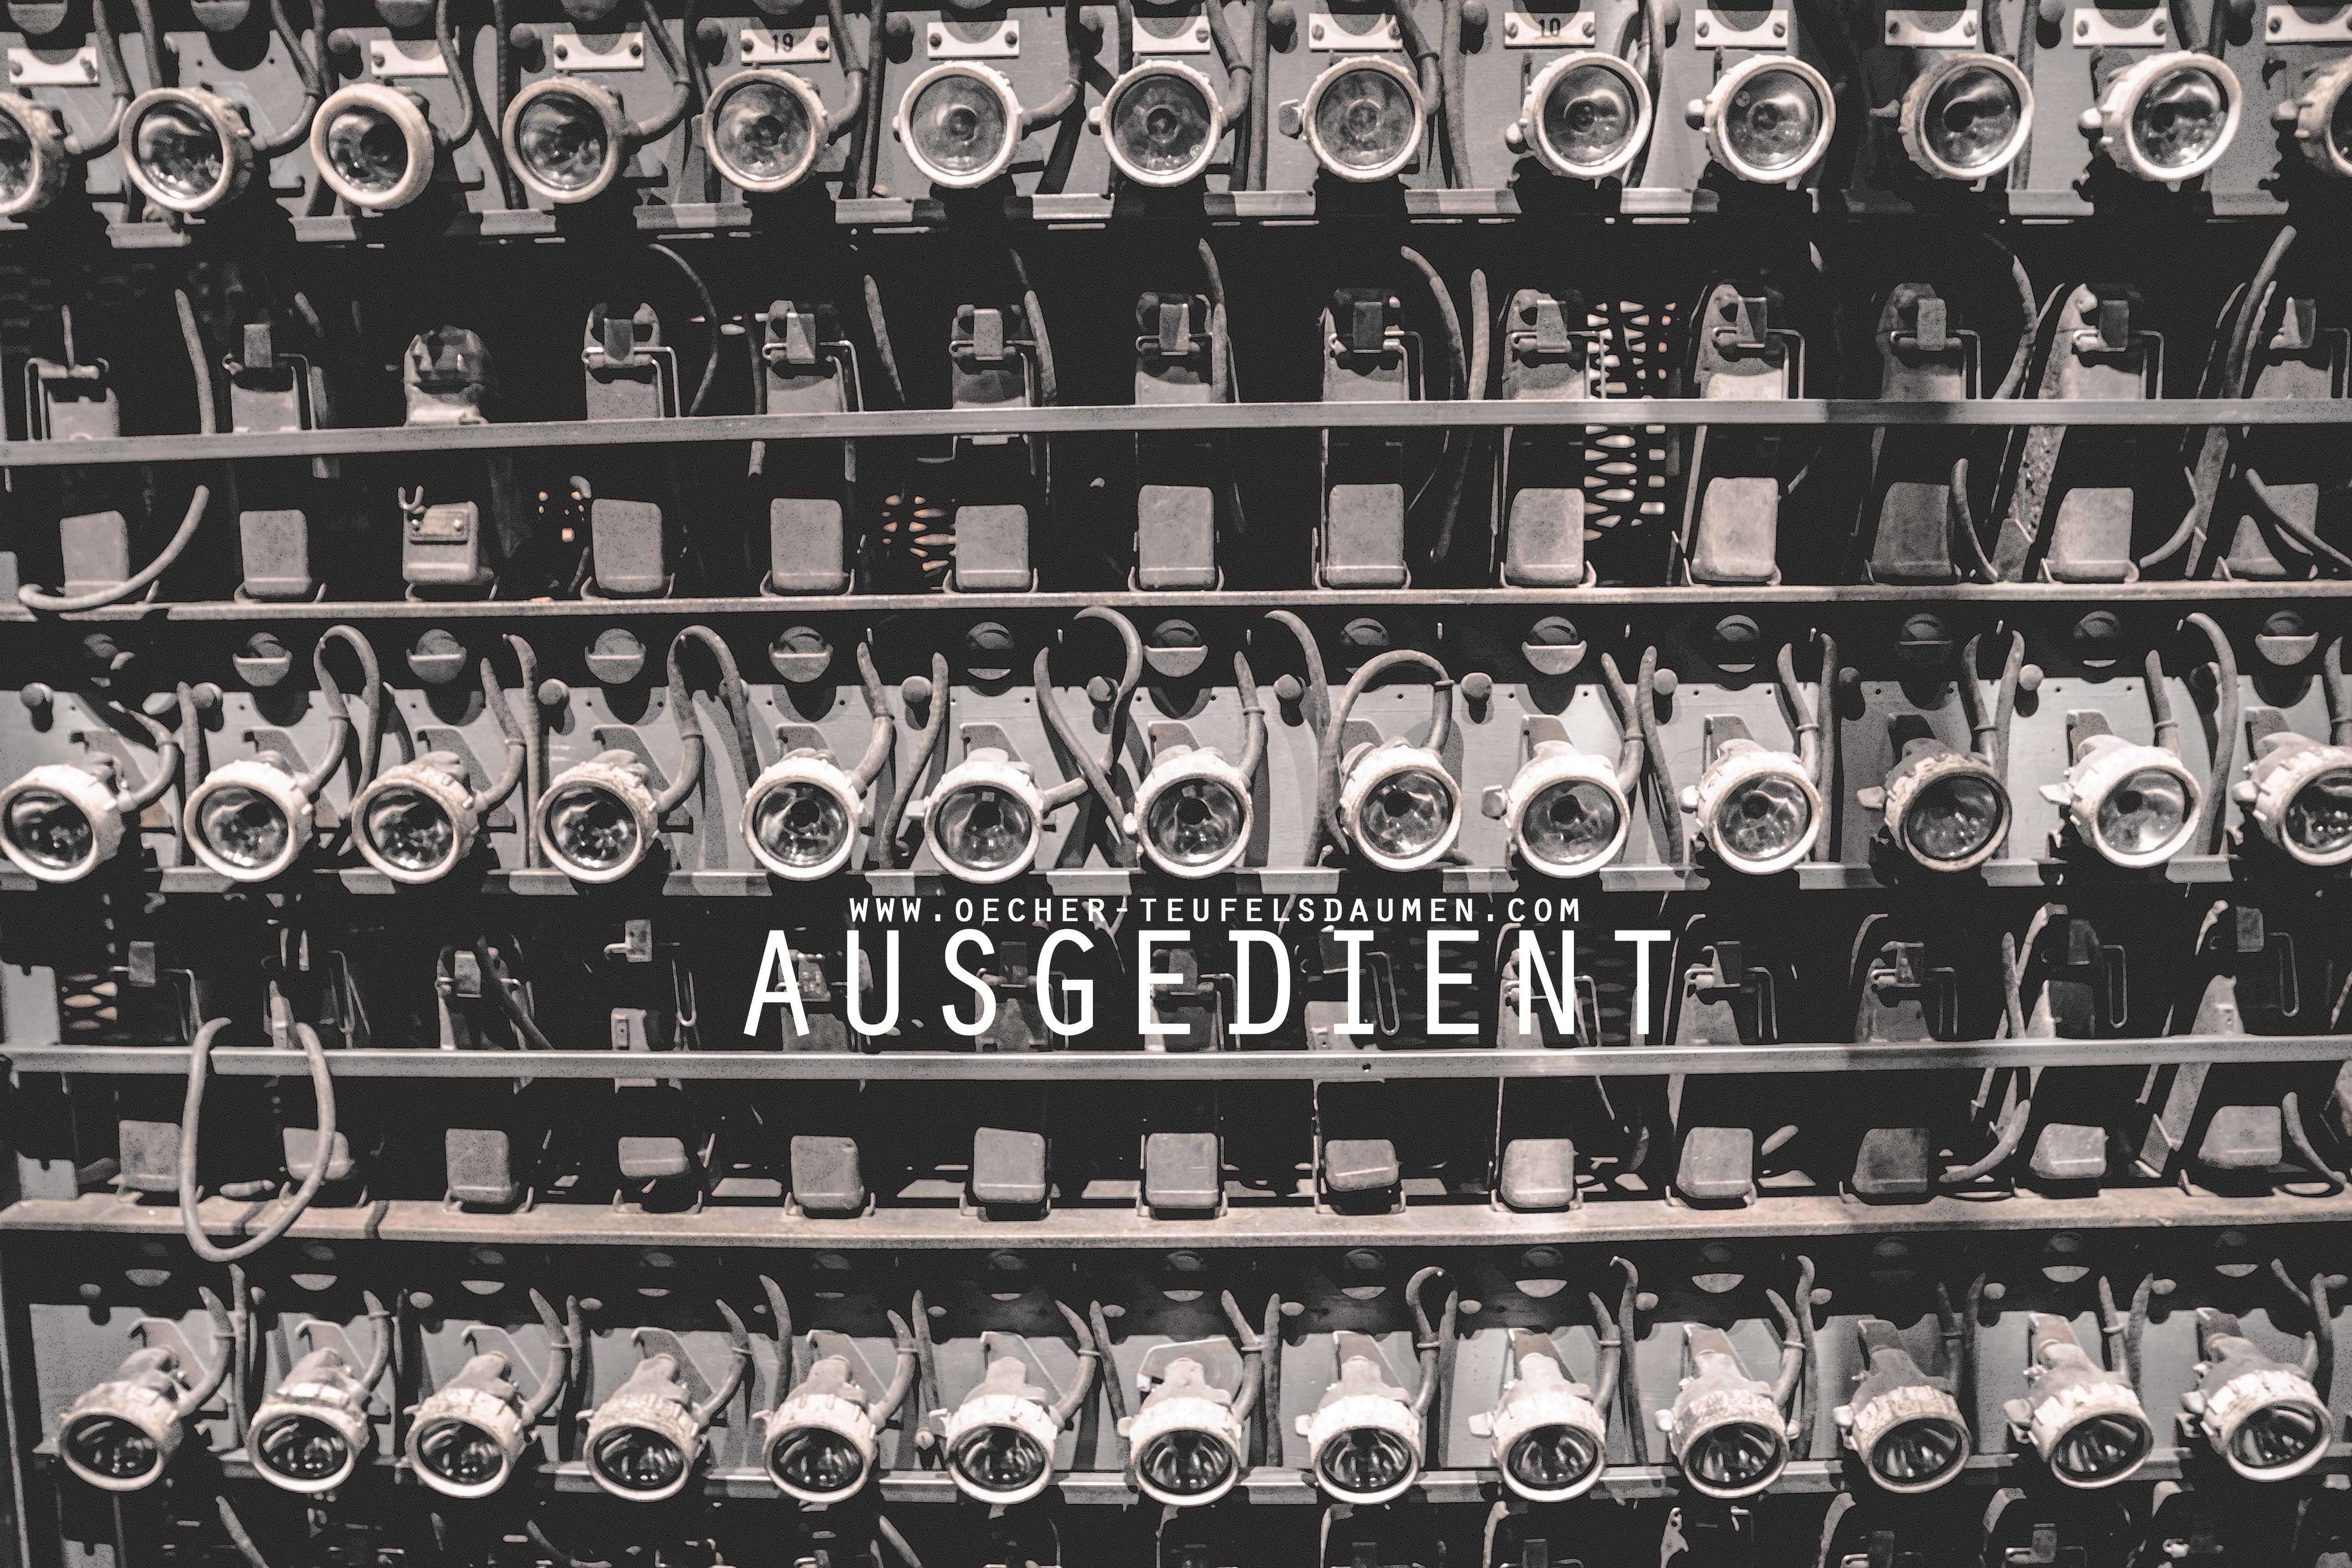 Ausgedient